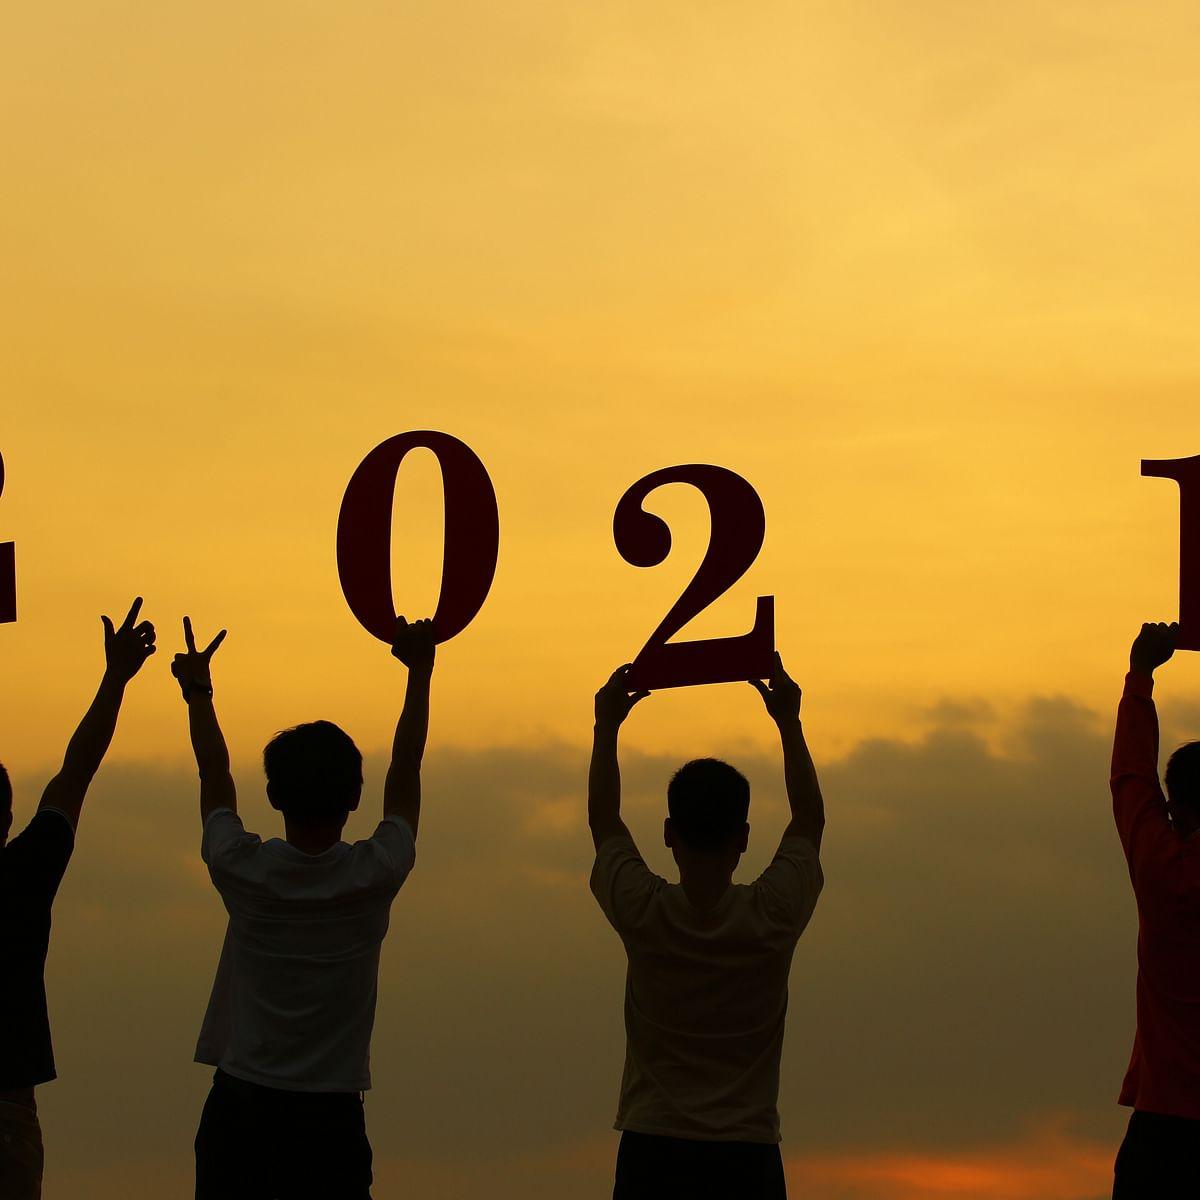 نیا سال 2021 / Getty Images